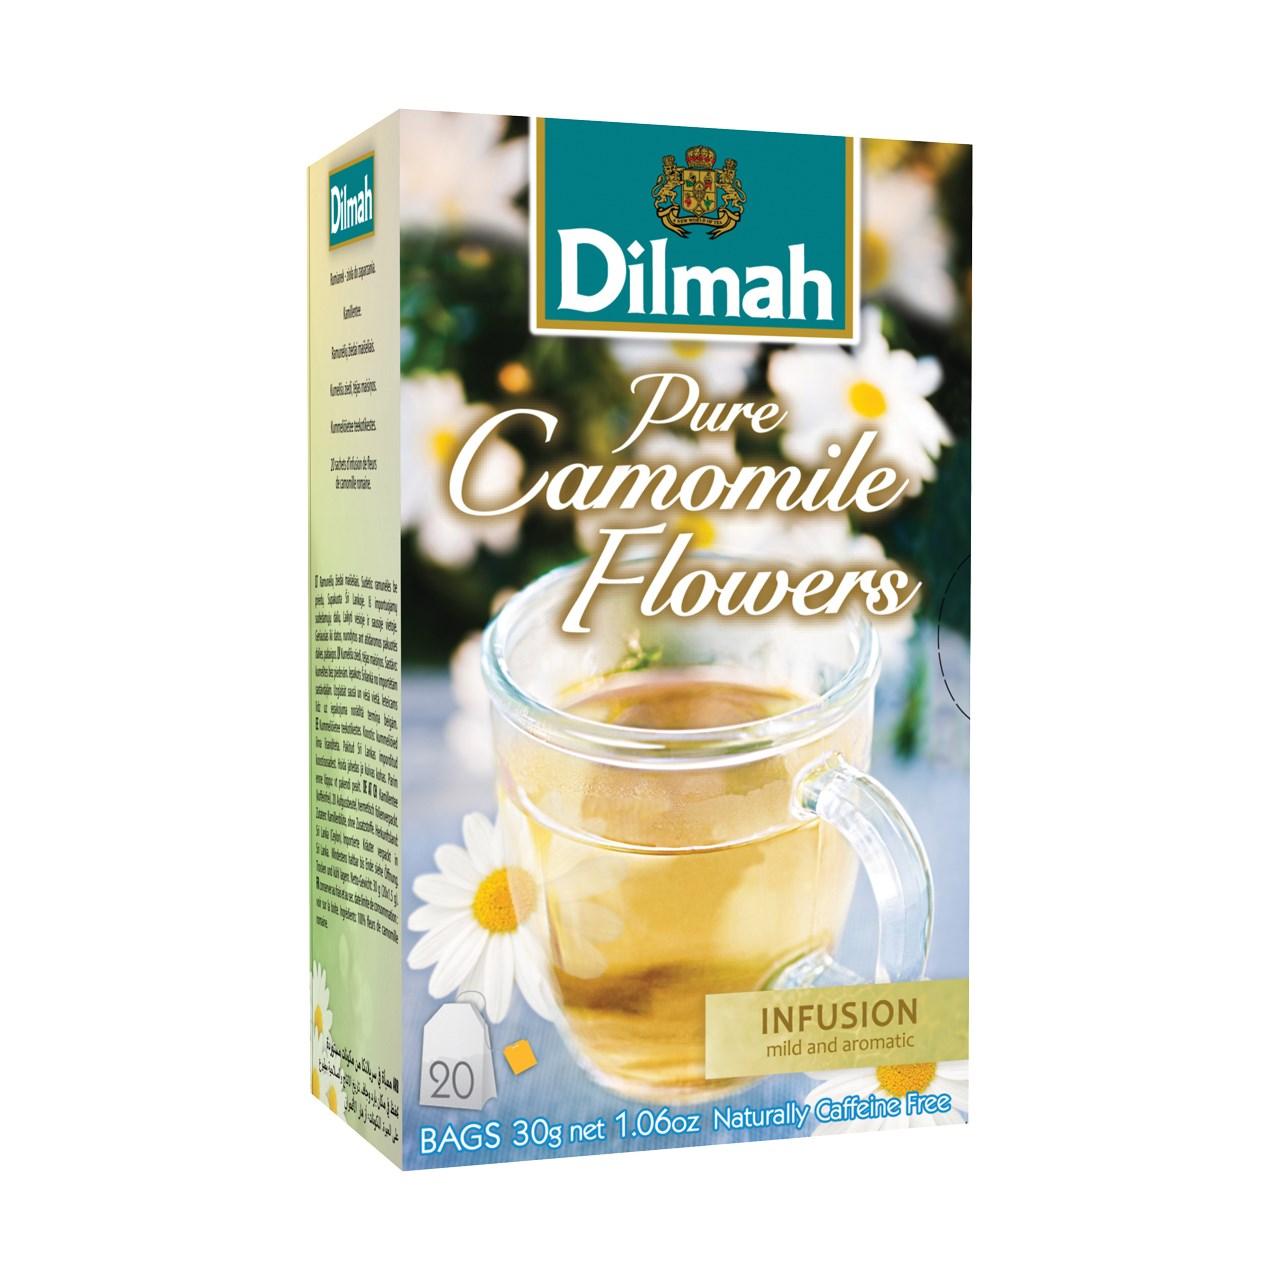 بسته دمنوش گیاهی دیلما مدل Pure Camomile Flowers